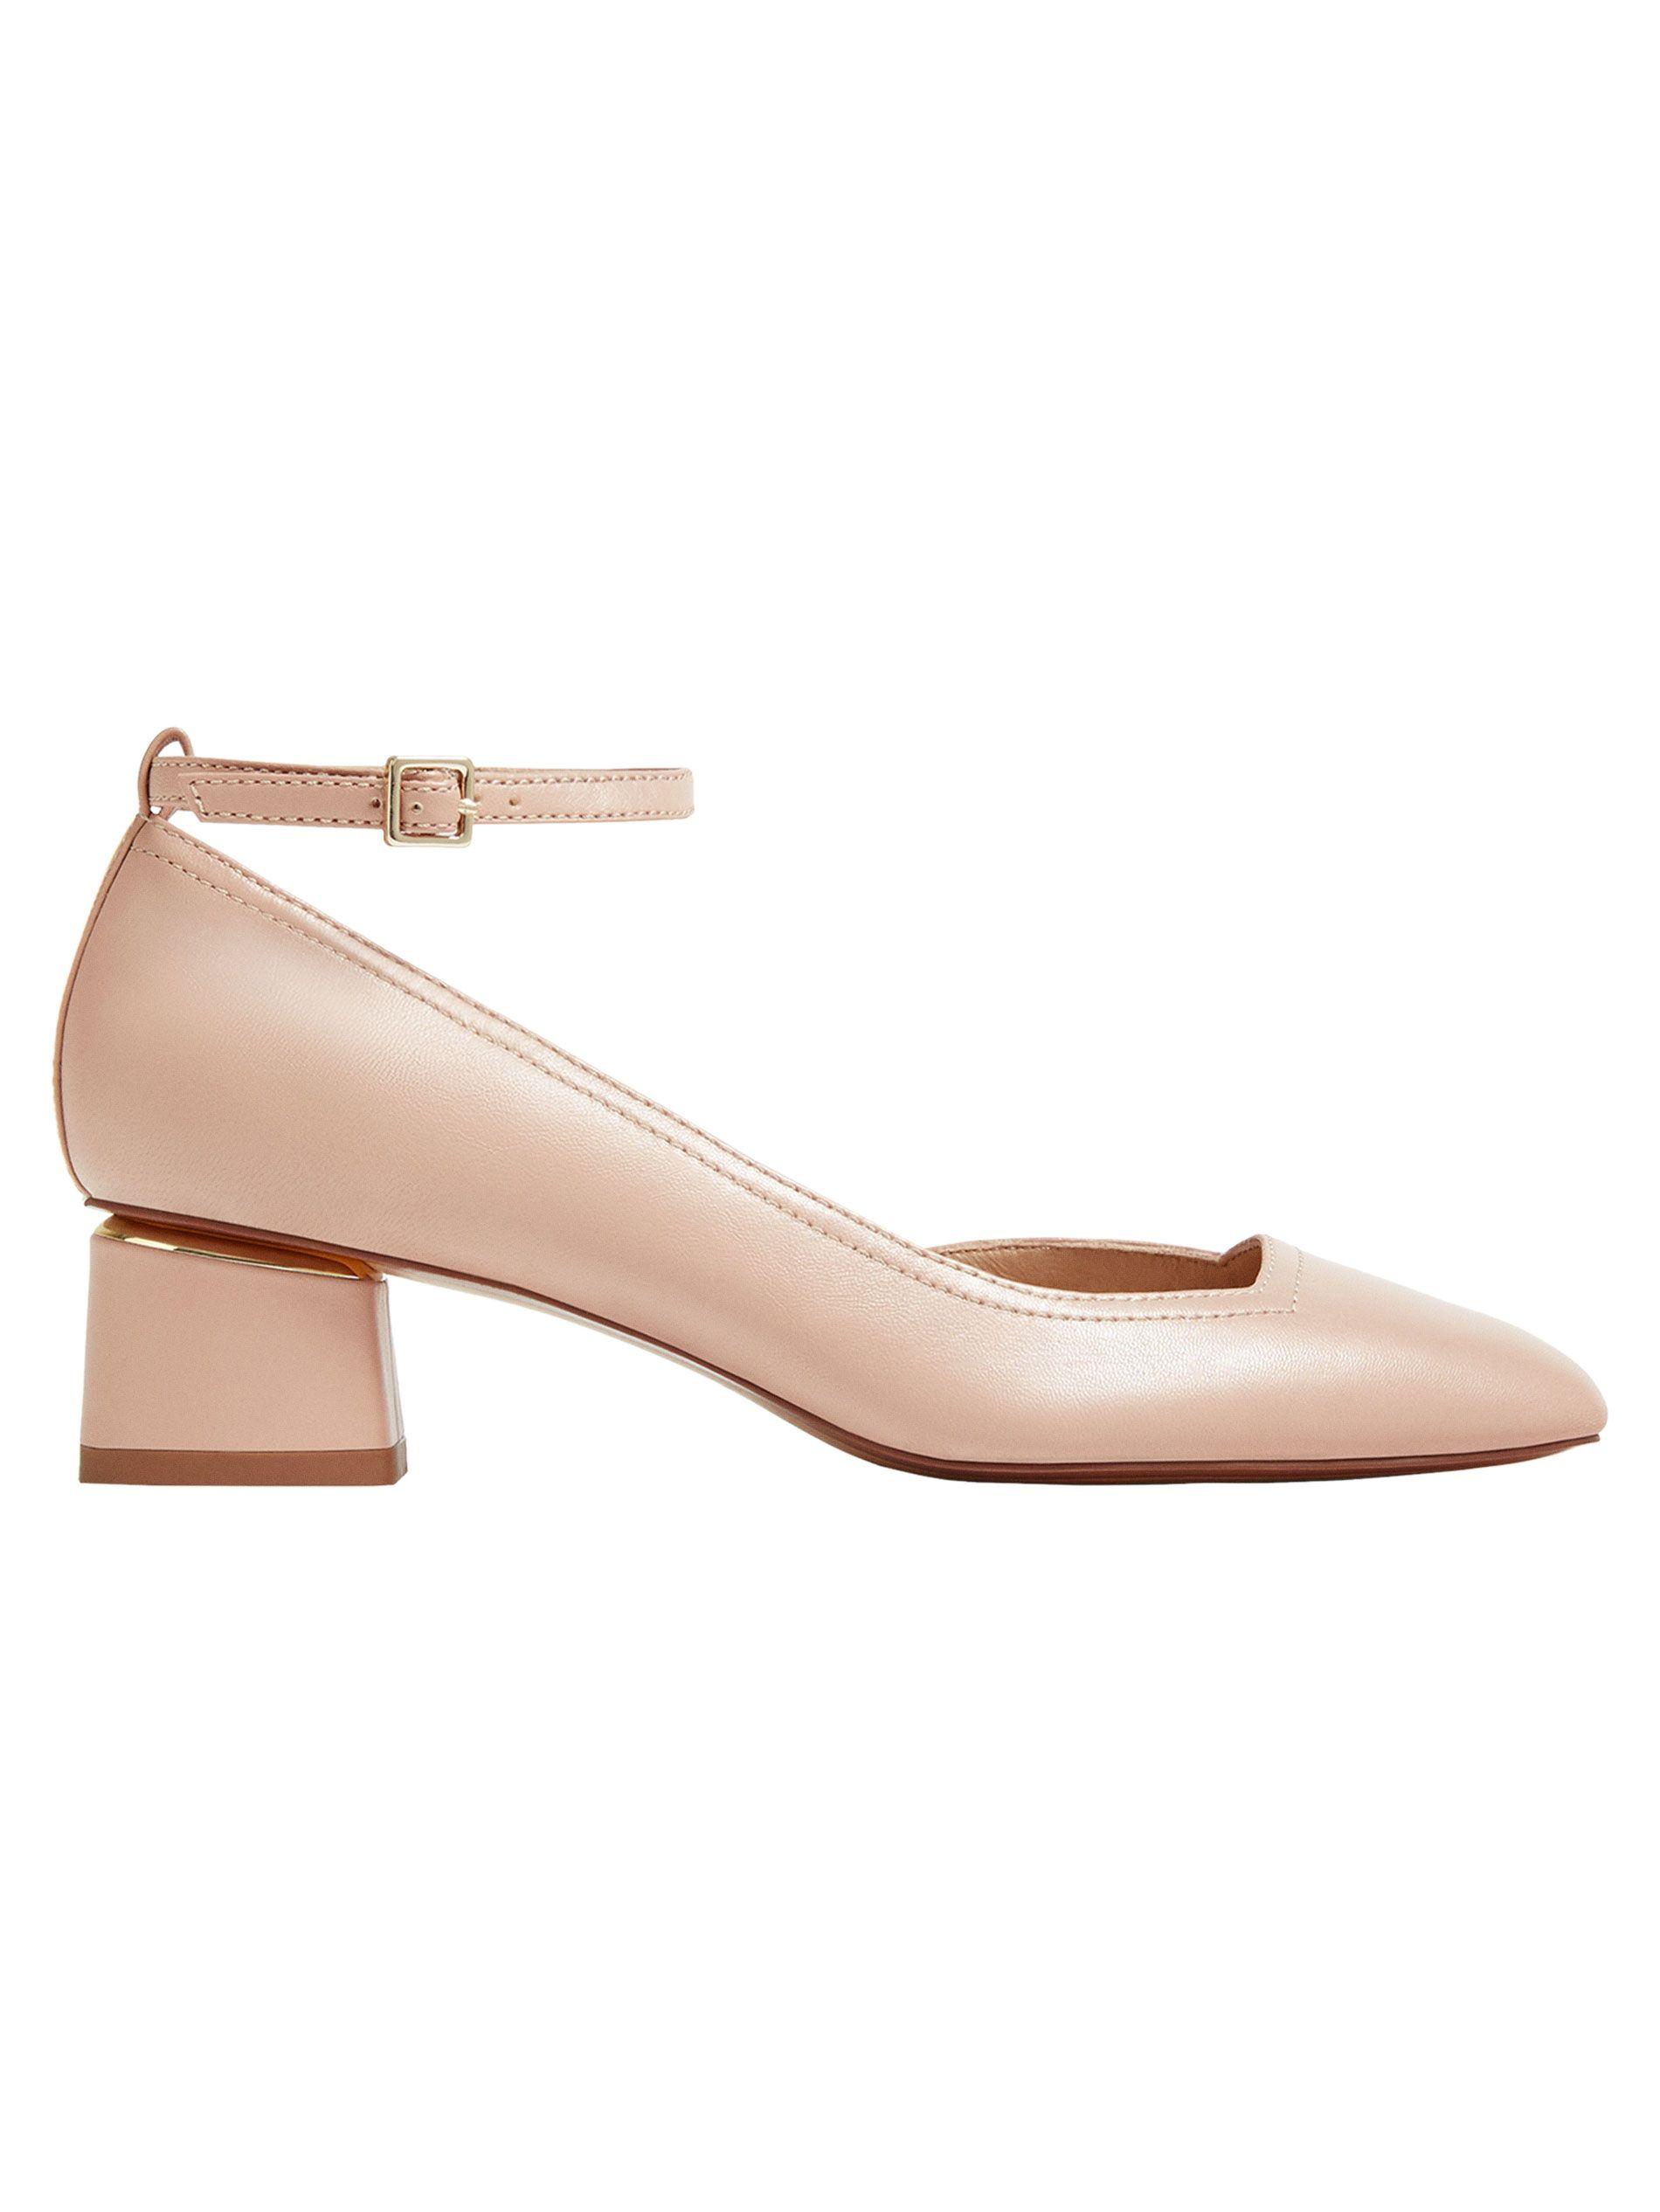 Zapato Color Asimétrico Napa Cierre Salón En NudeDetalle De Piel uXTZiOPk